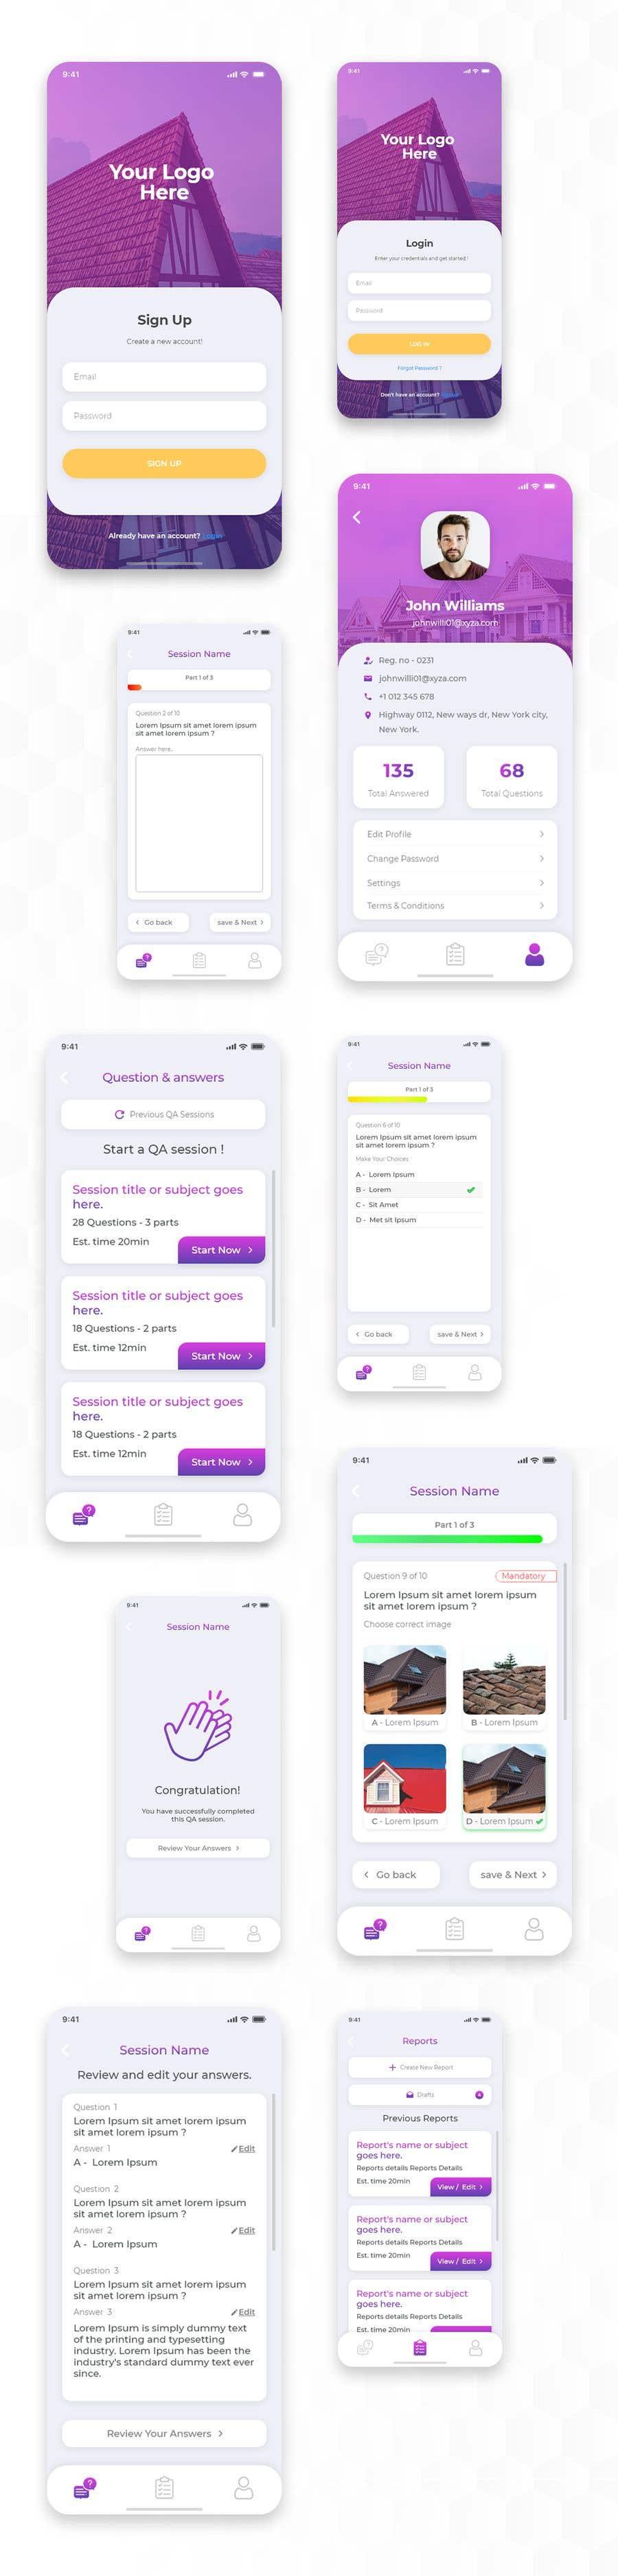 Penyertaan Peraduan #                                        54                                      untuk                                         Design me a Mobile App